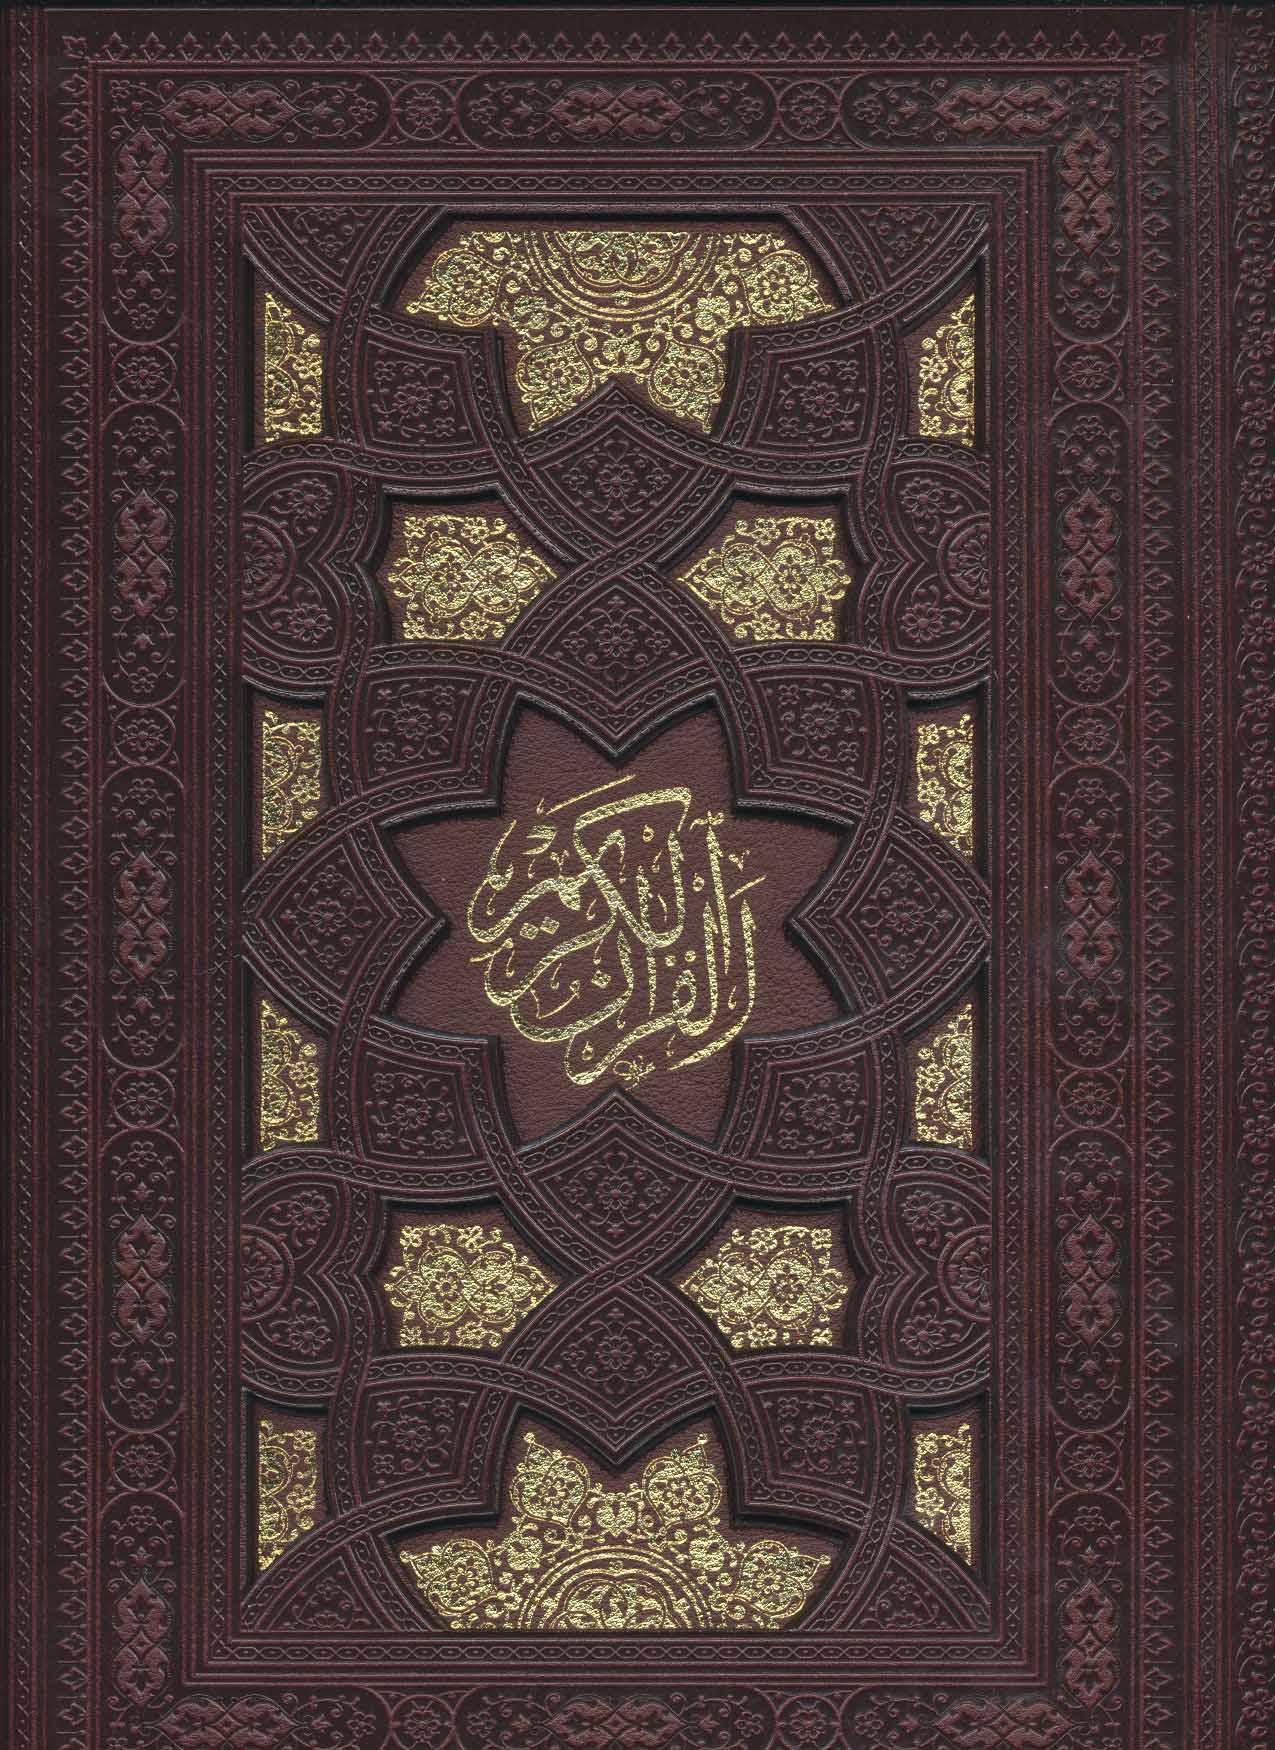 قرآن کریم،همراه با رویدادهای مهم زندگی (5رنگ،باقاب،ترمو،لب طلایی،لیزری)